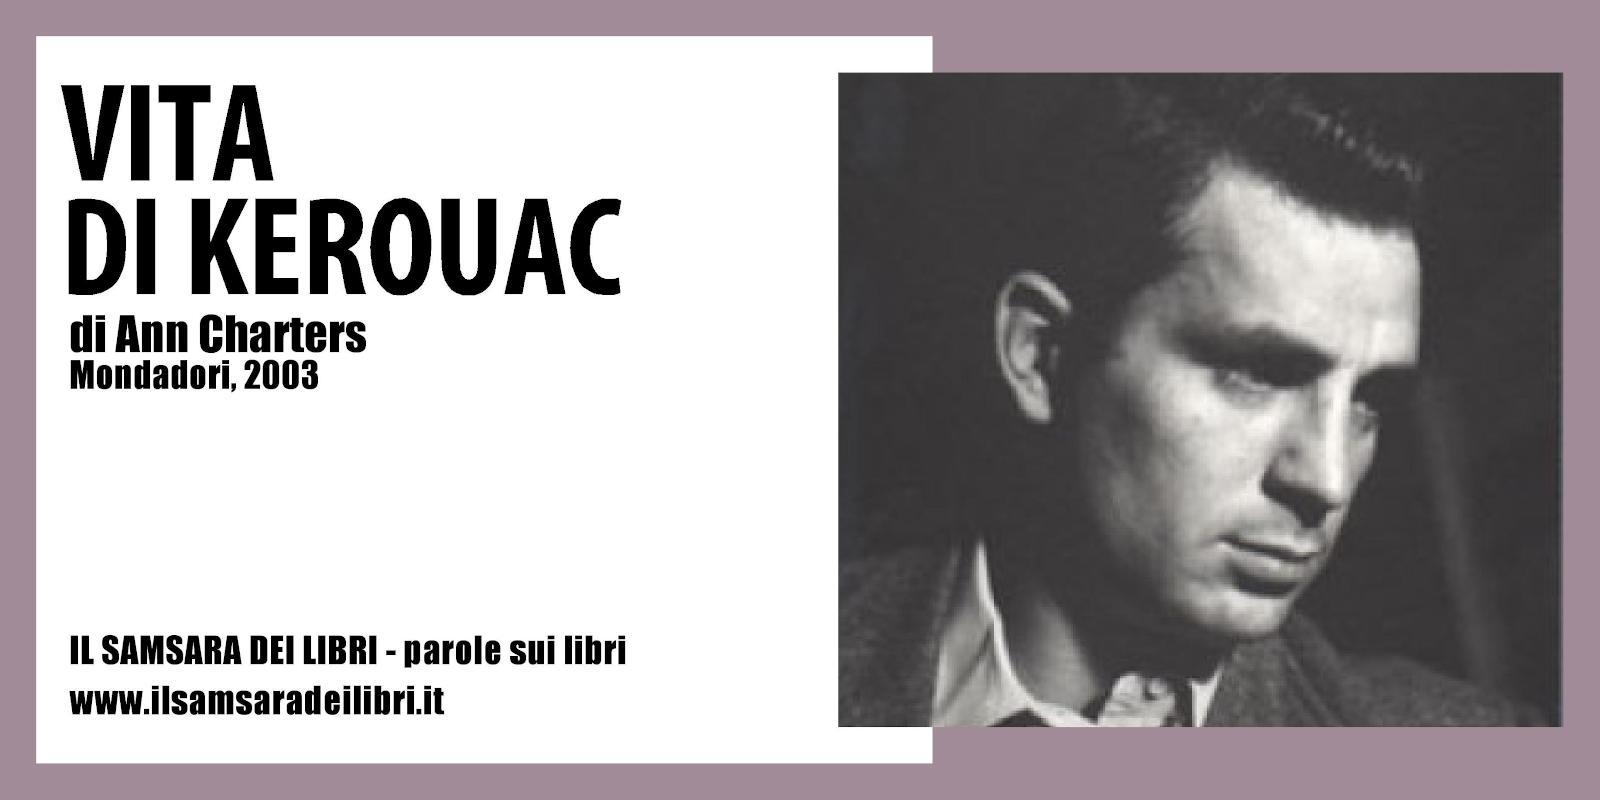 Immagine dellla copertina dedicata a la Vita di Kerouac